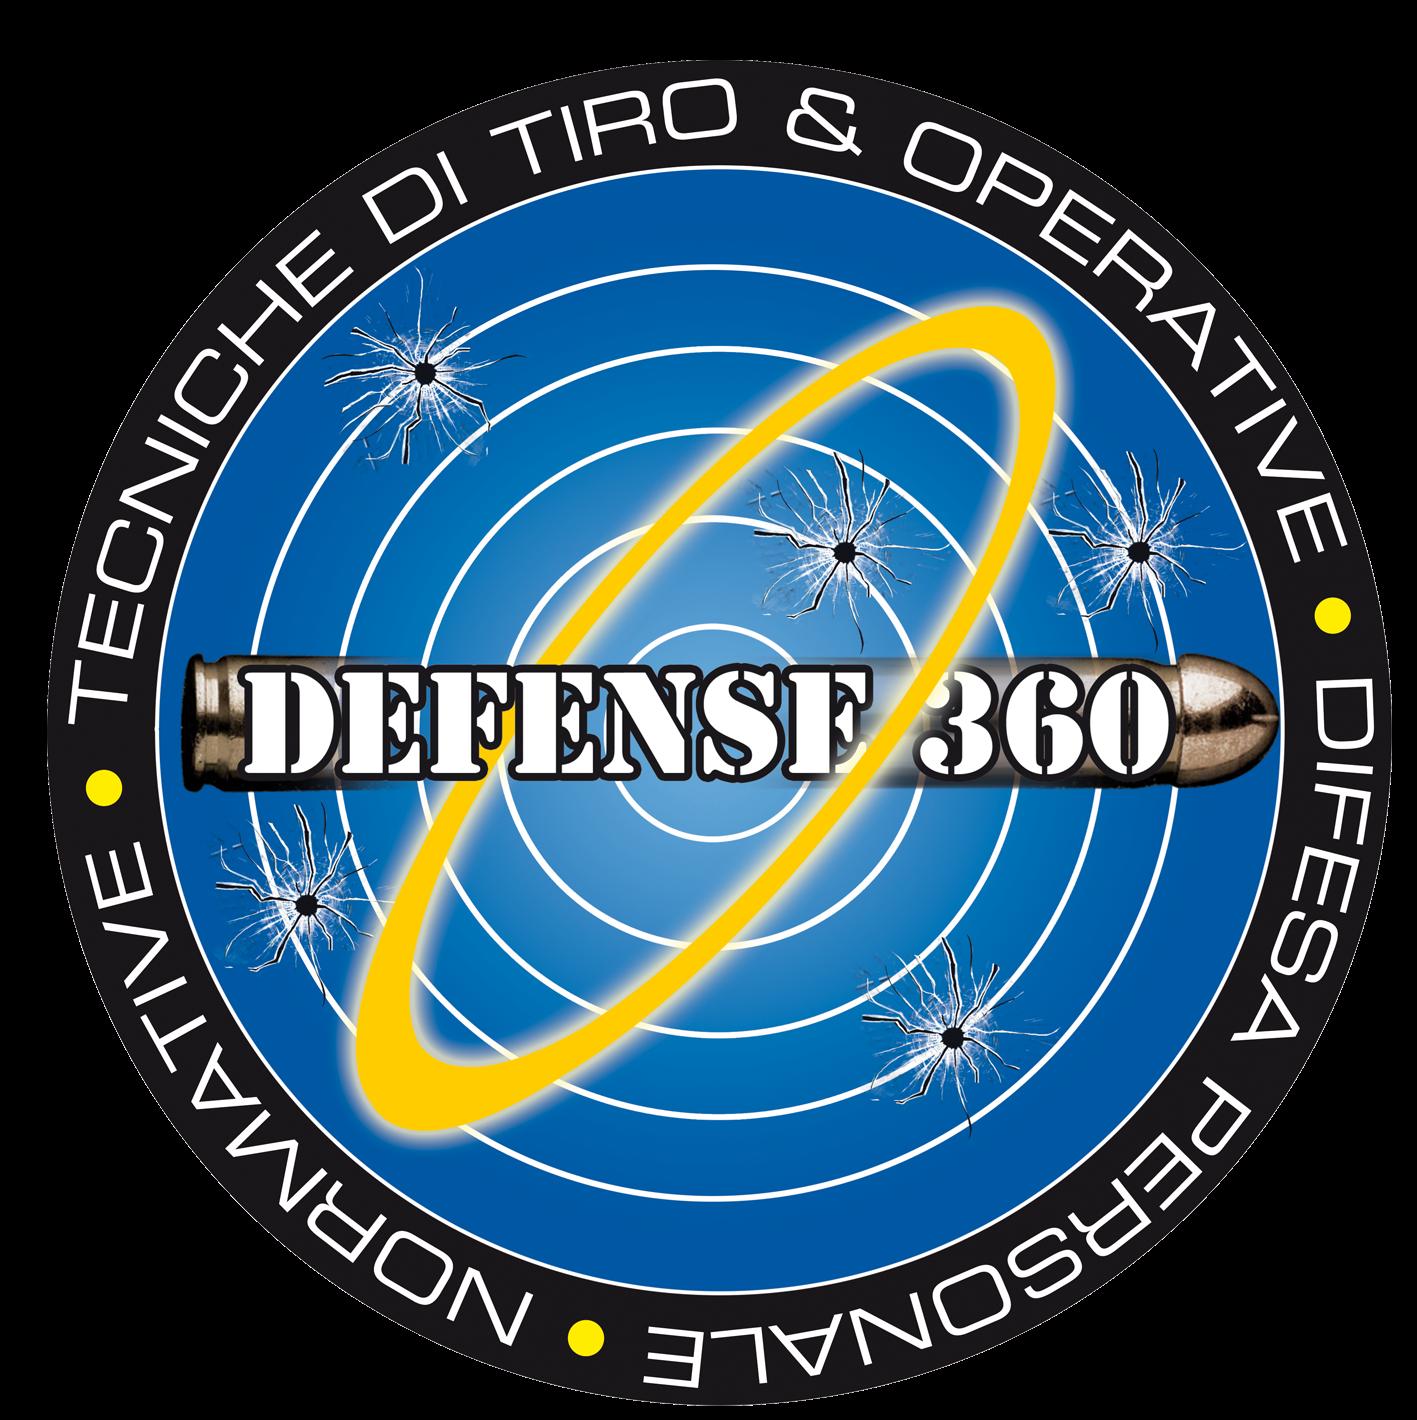 DEFENSE 360° FORMAZIONE S.S.D.R.L.